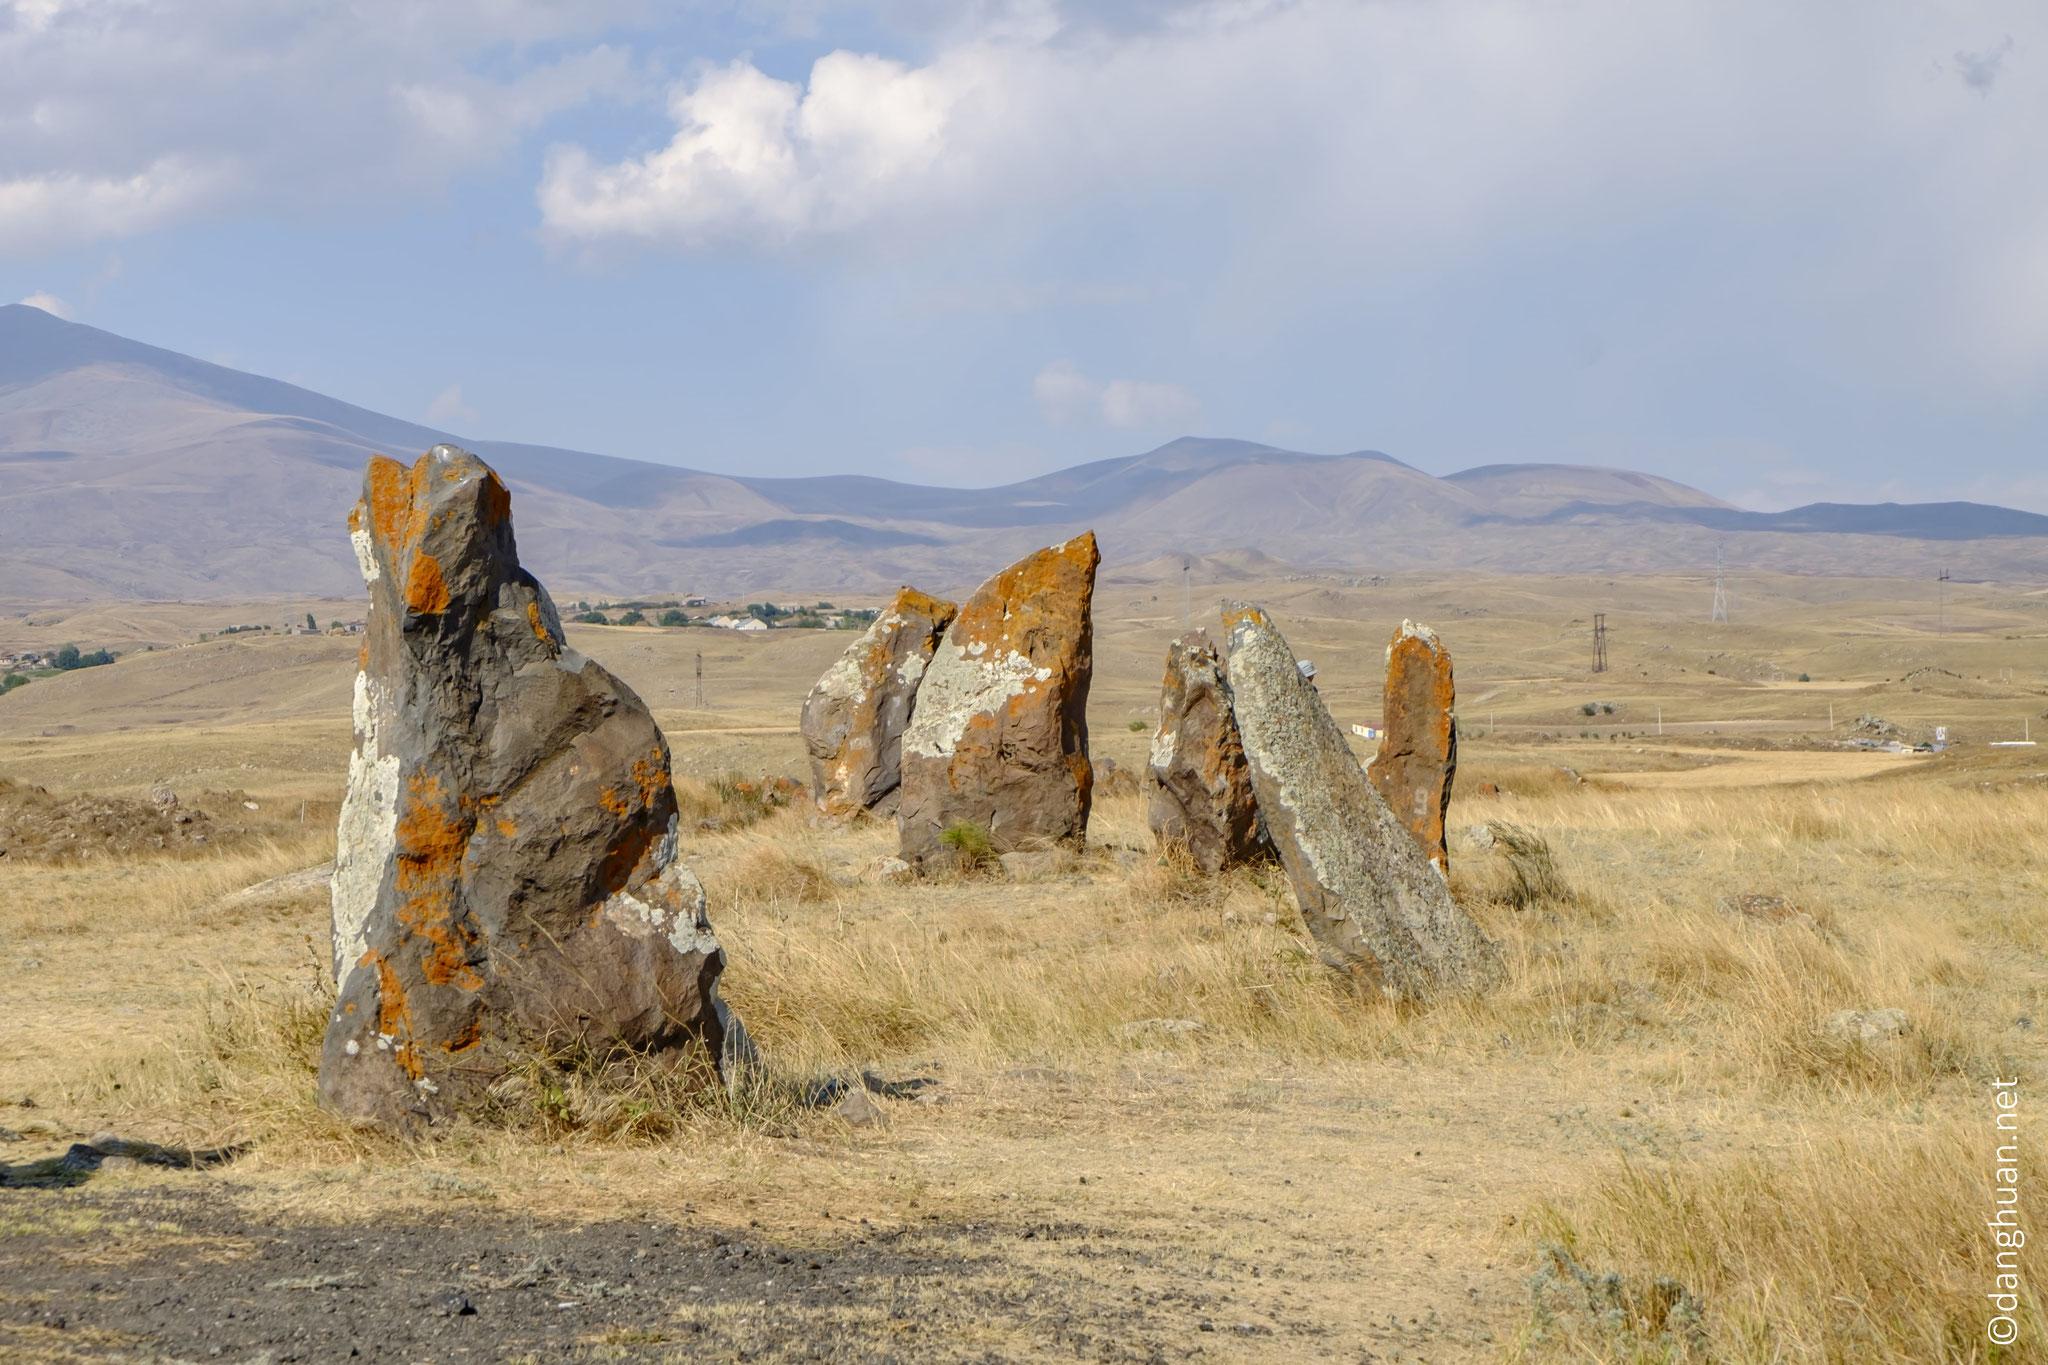 ... est un site mégalithique de la région de Syunik ...